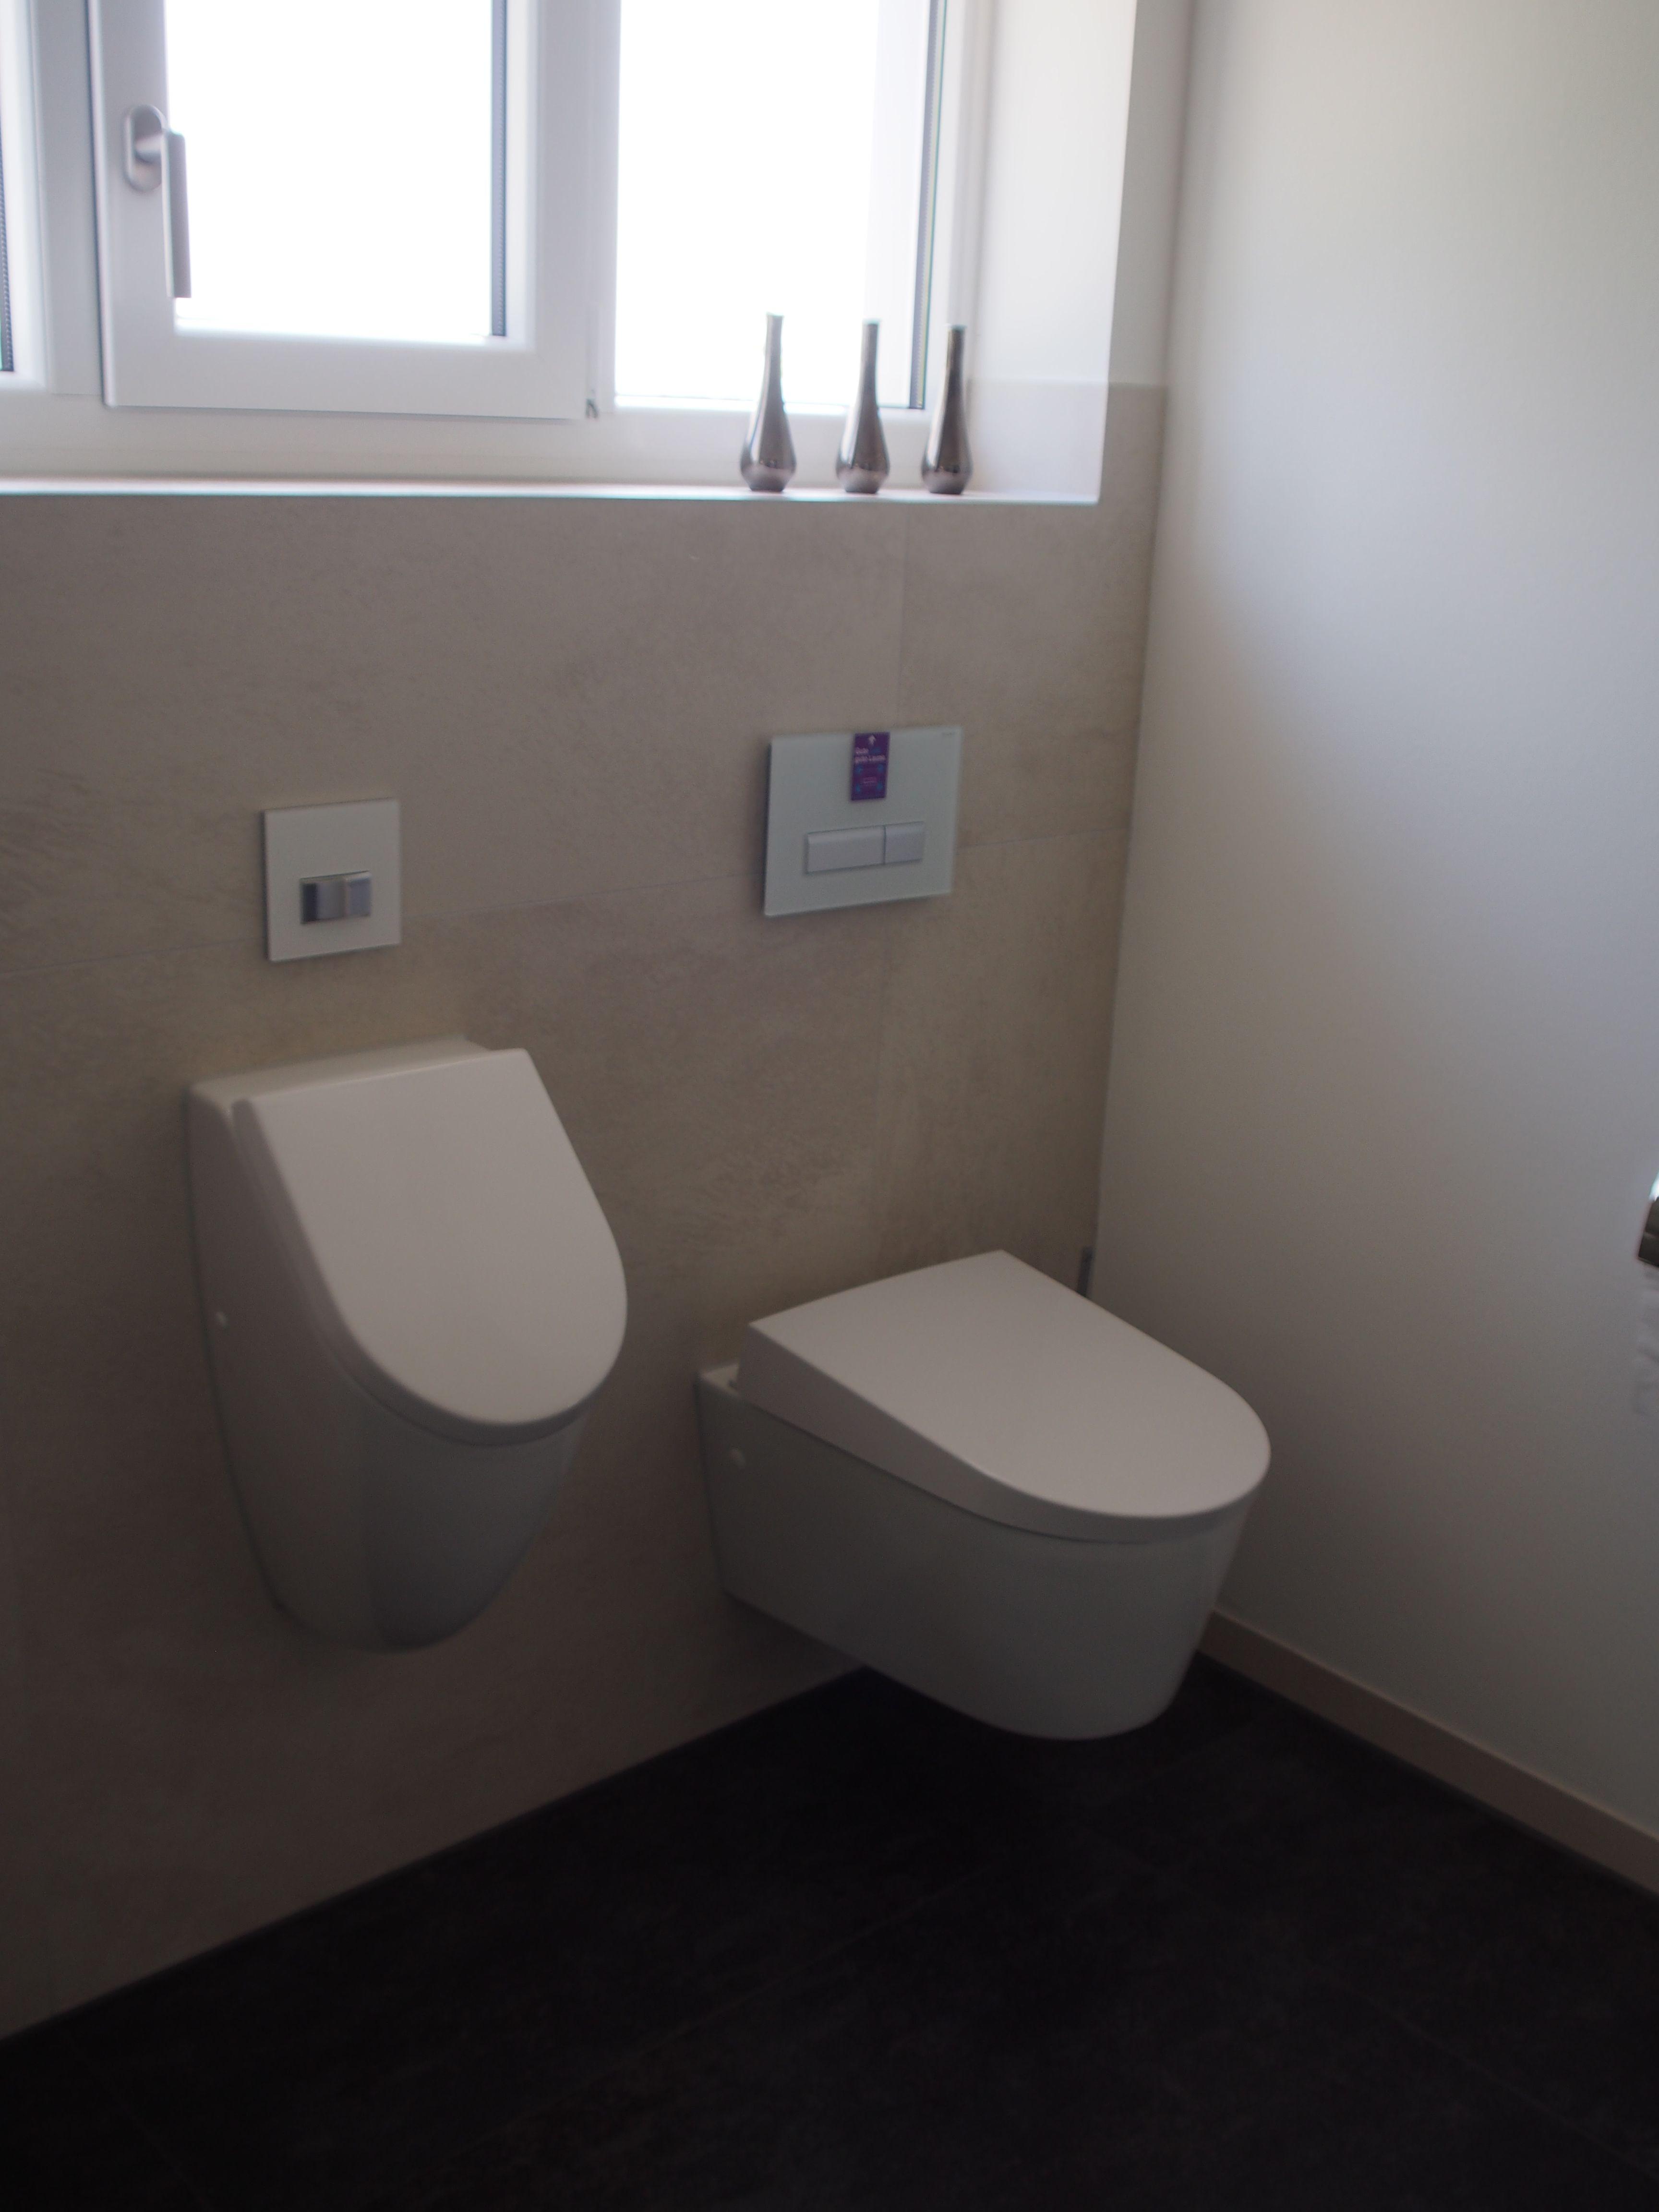 Badausstellung Erlangen badausstellung rottenburg badstudio mit erlebnisfaktor 3d